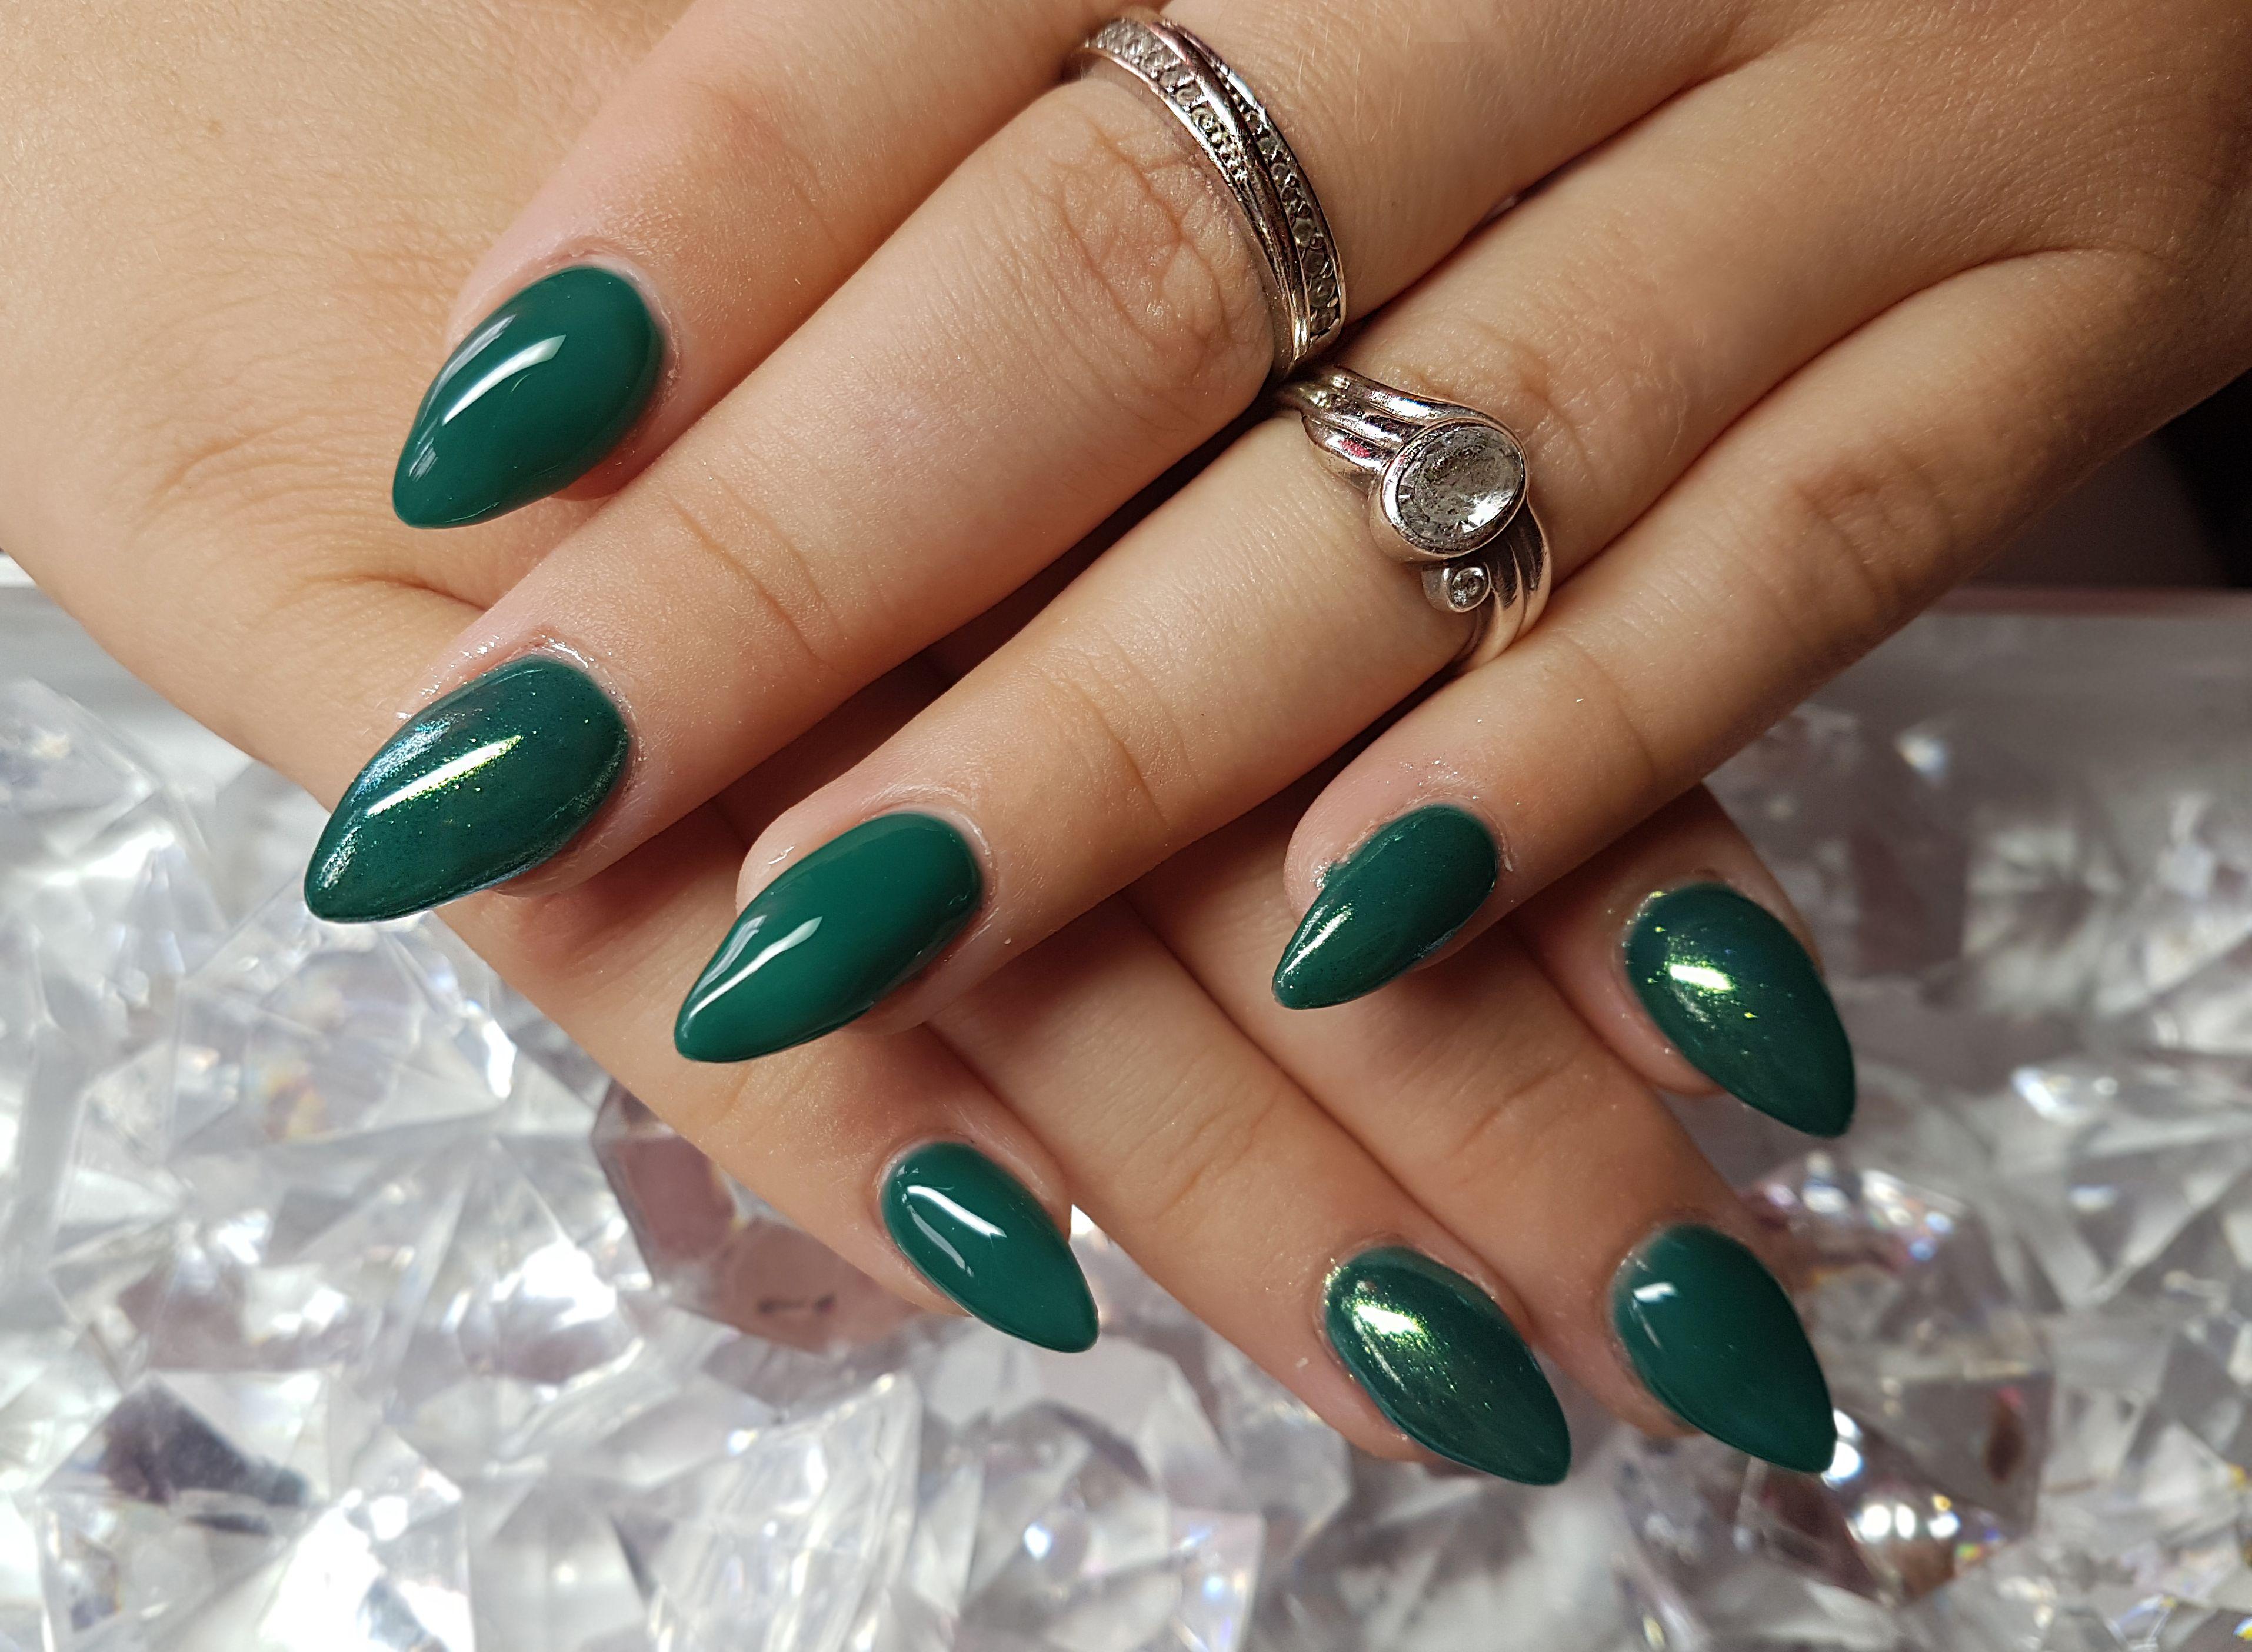 dark green nails | My nails | Pinterest | Dark green nails and Green ...